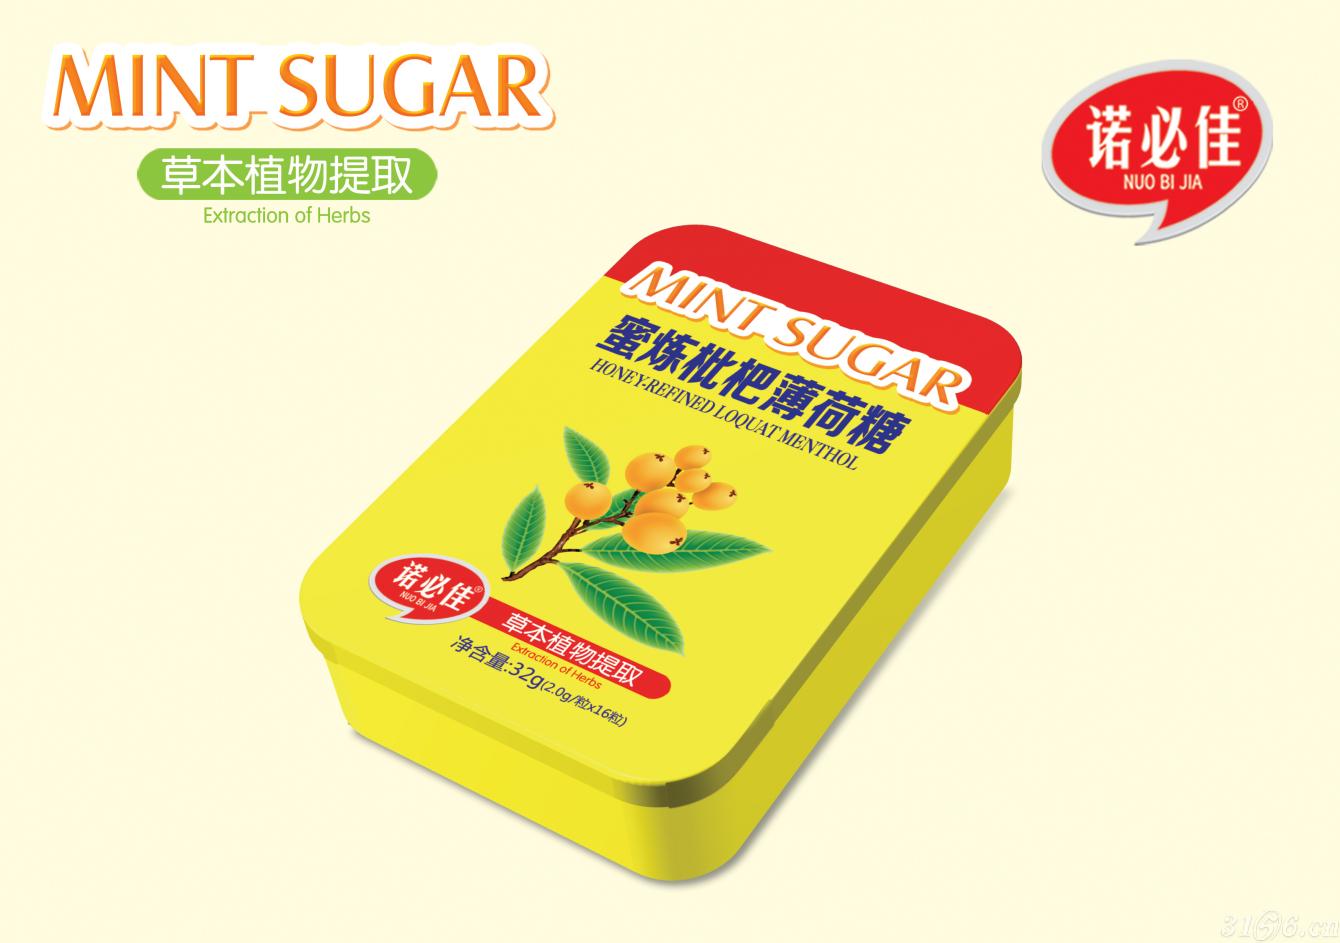 蜜炼枇杷薄荷糖